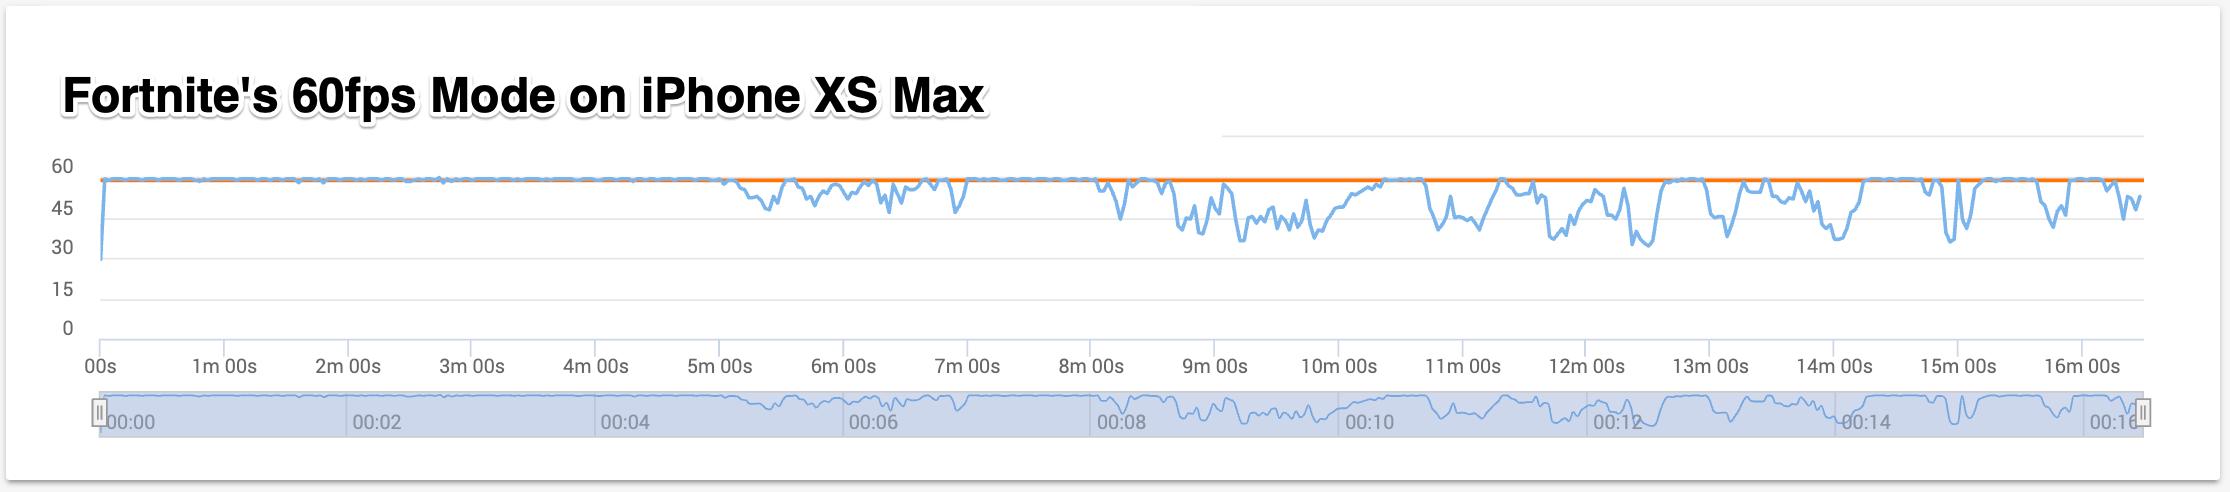 iPhone-XS-Max-Fortnite-FPS-Chart